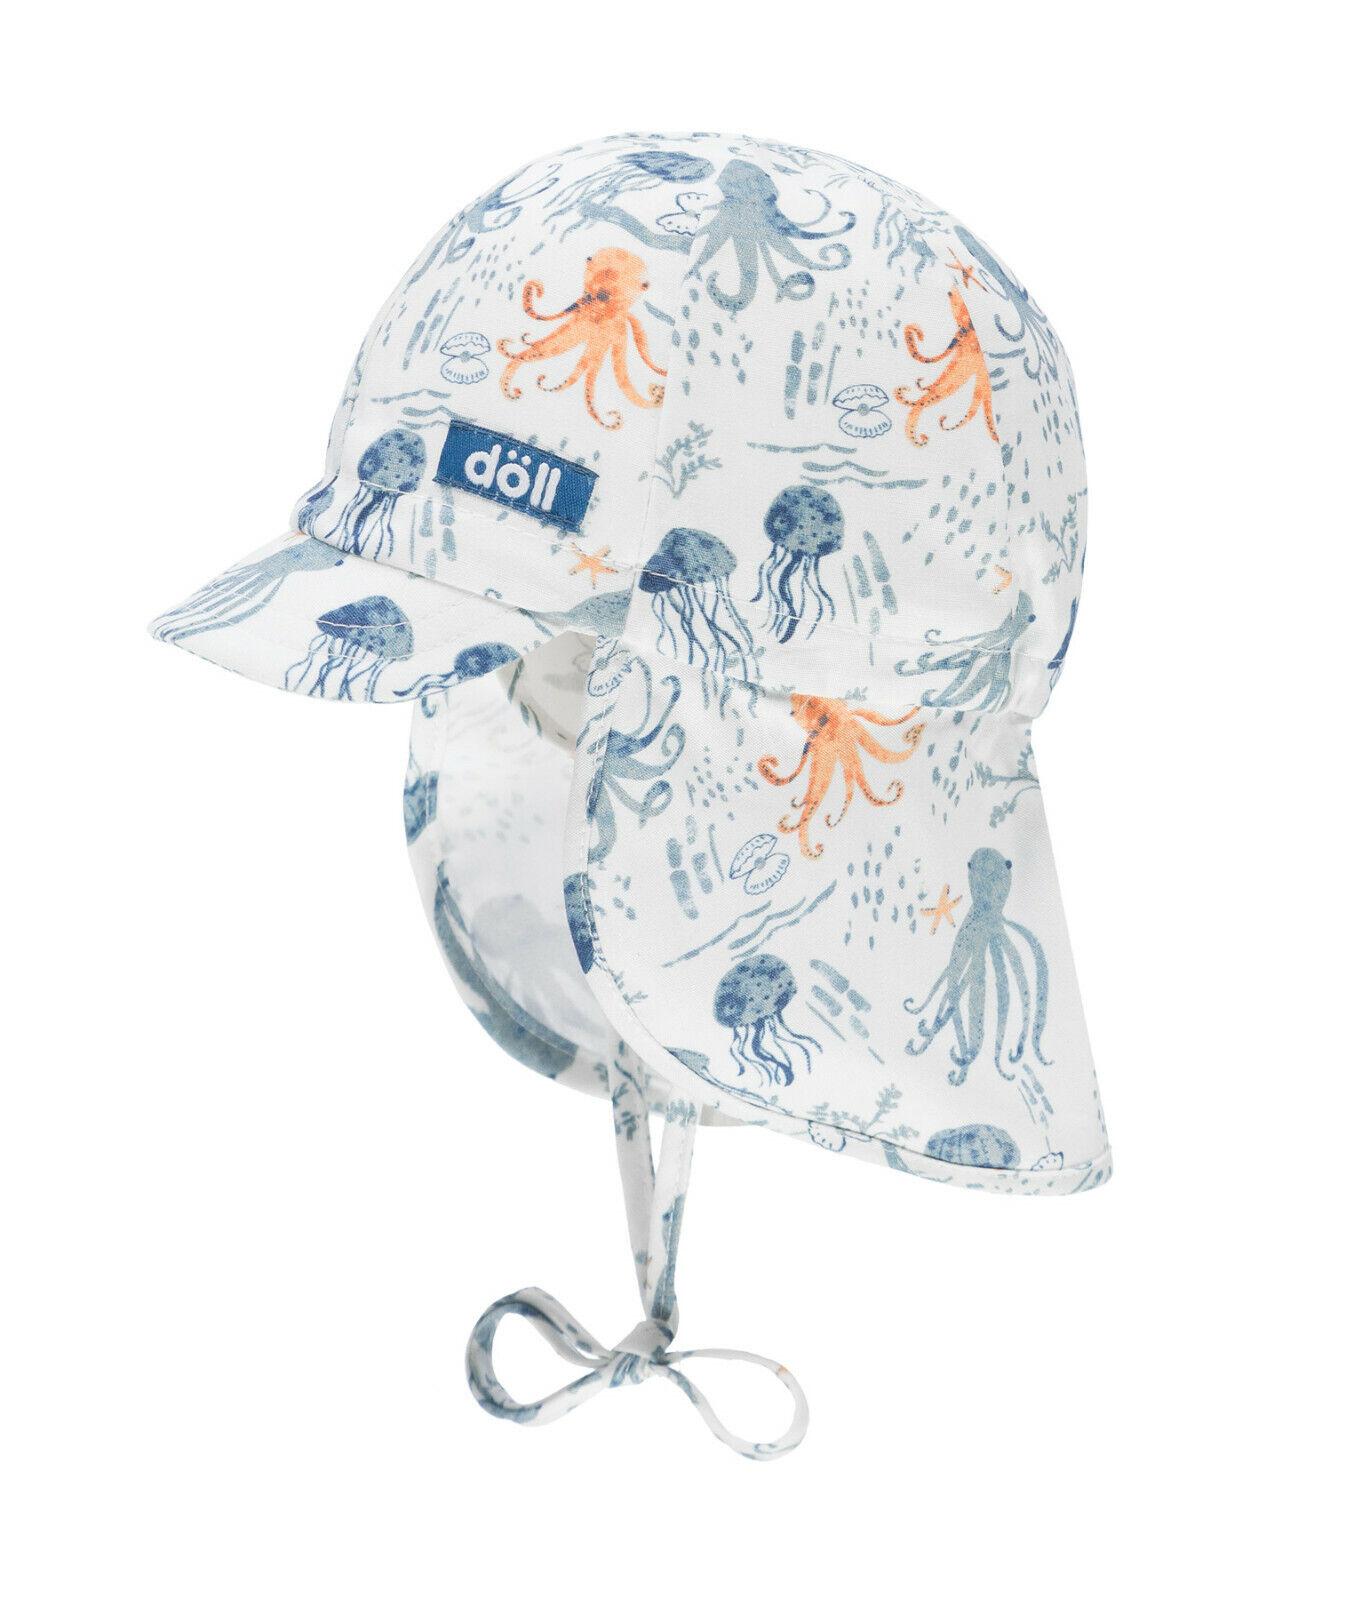 DÖLL® Baby Jungen Sonnenhut Hut Nackenschutz mit Schirm Mütze 39-45 S 2019 NEU!